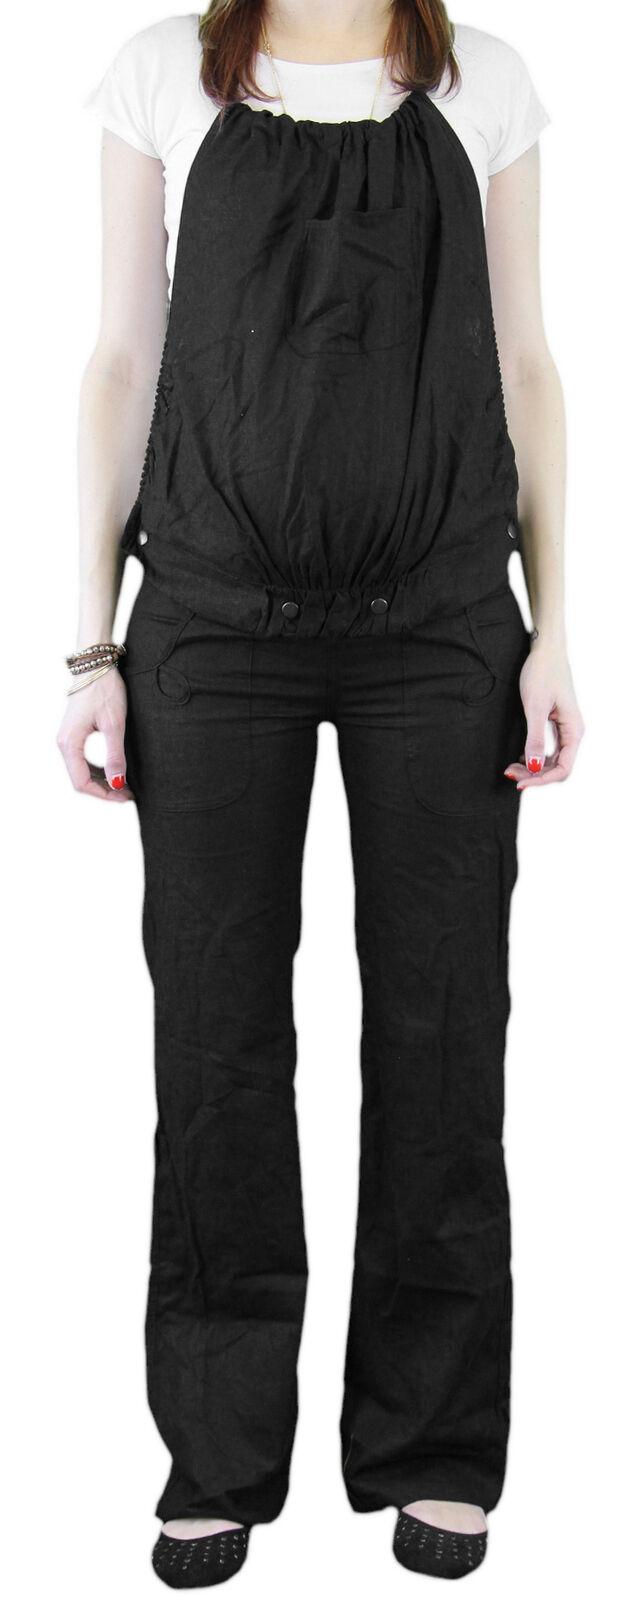 9 mode Maternité Rico Noir Convertible Pantalon TAILLE S